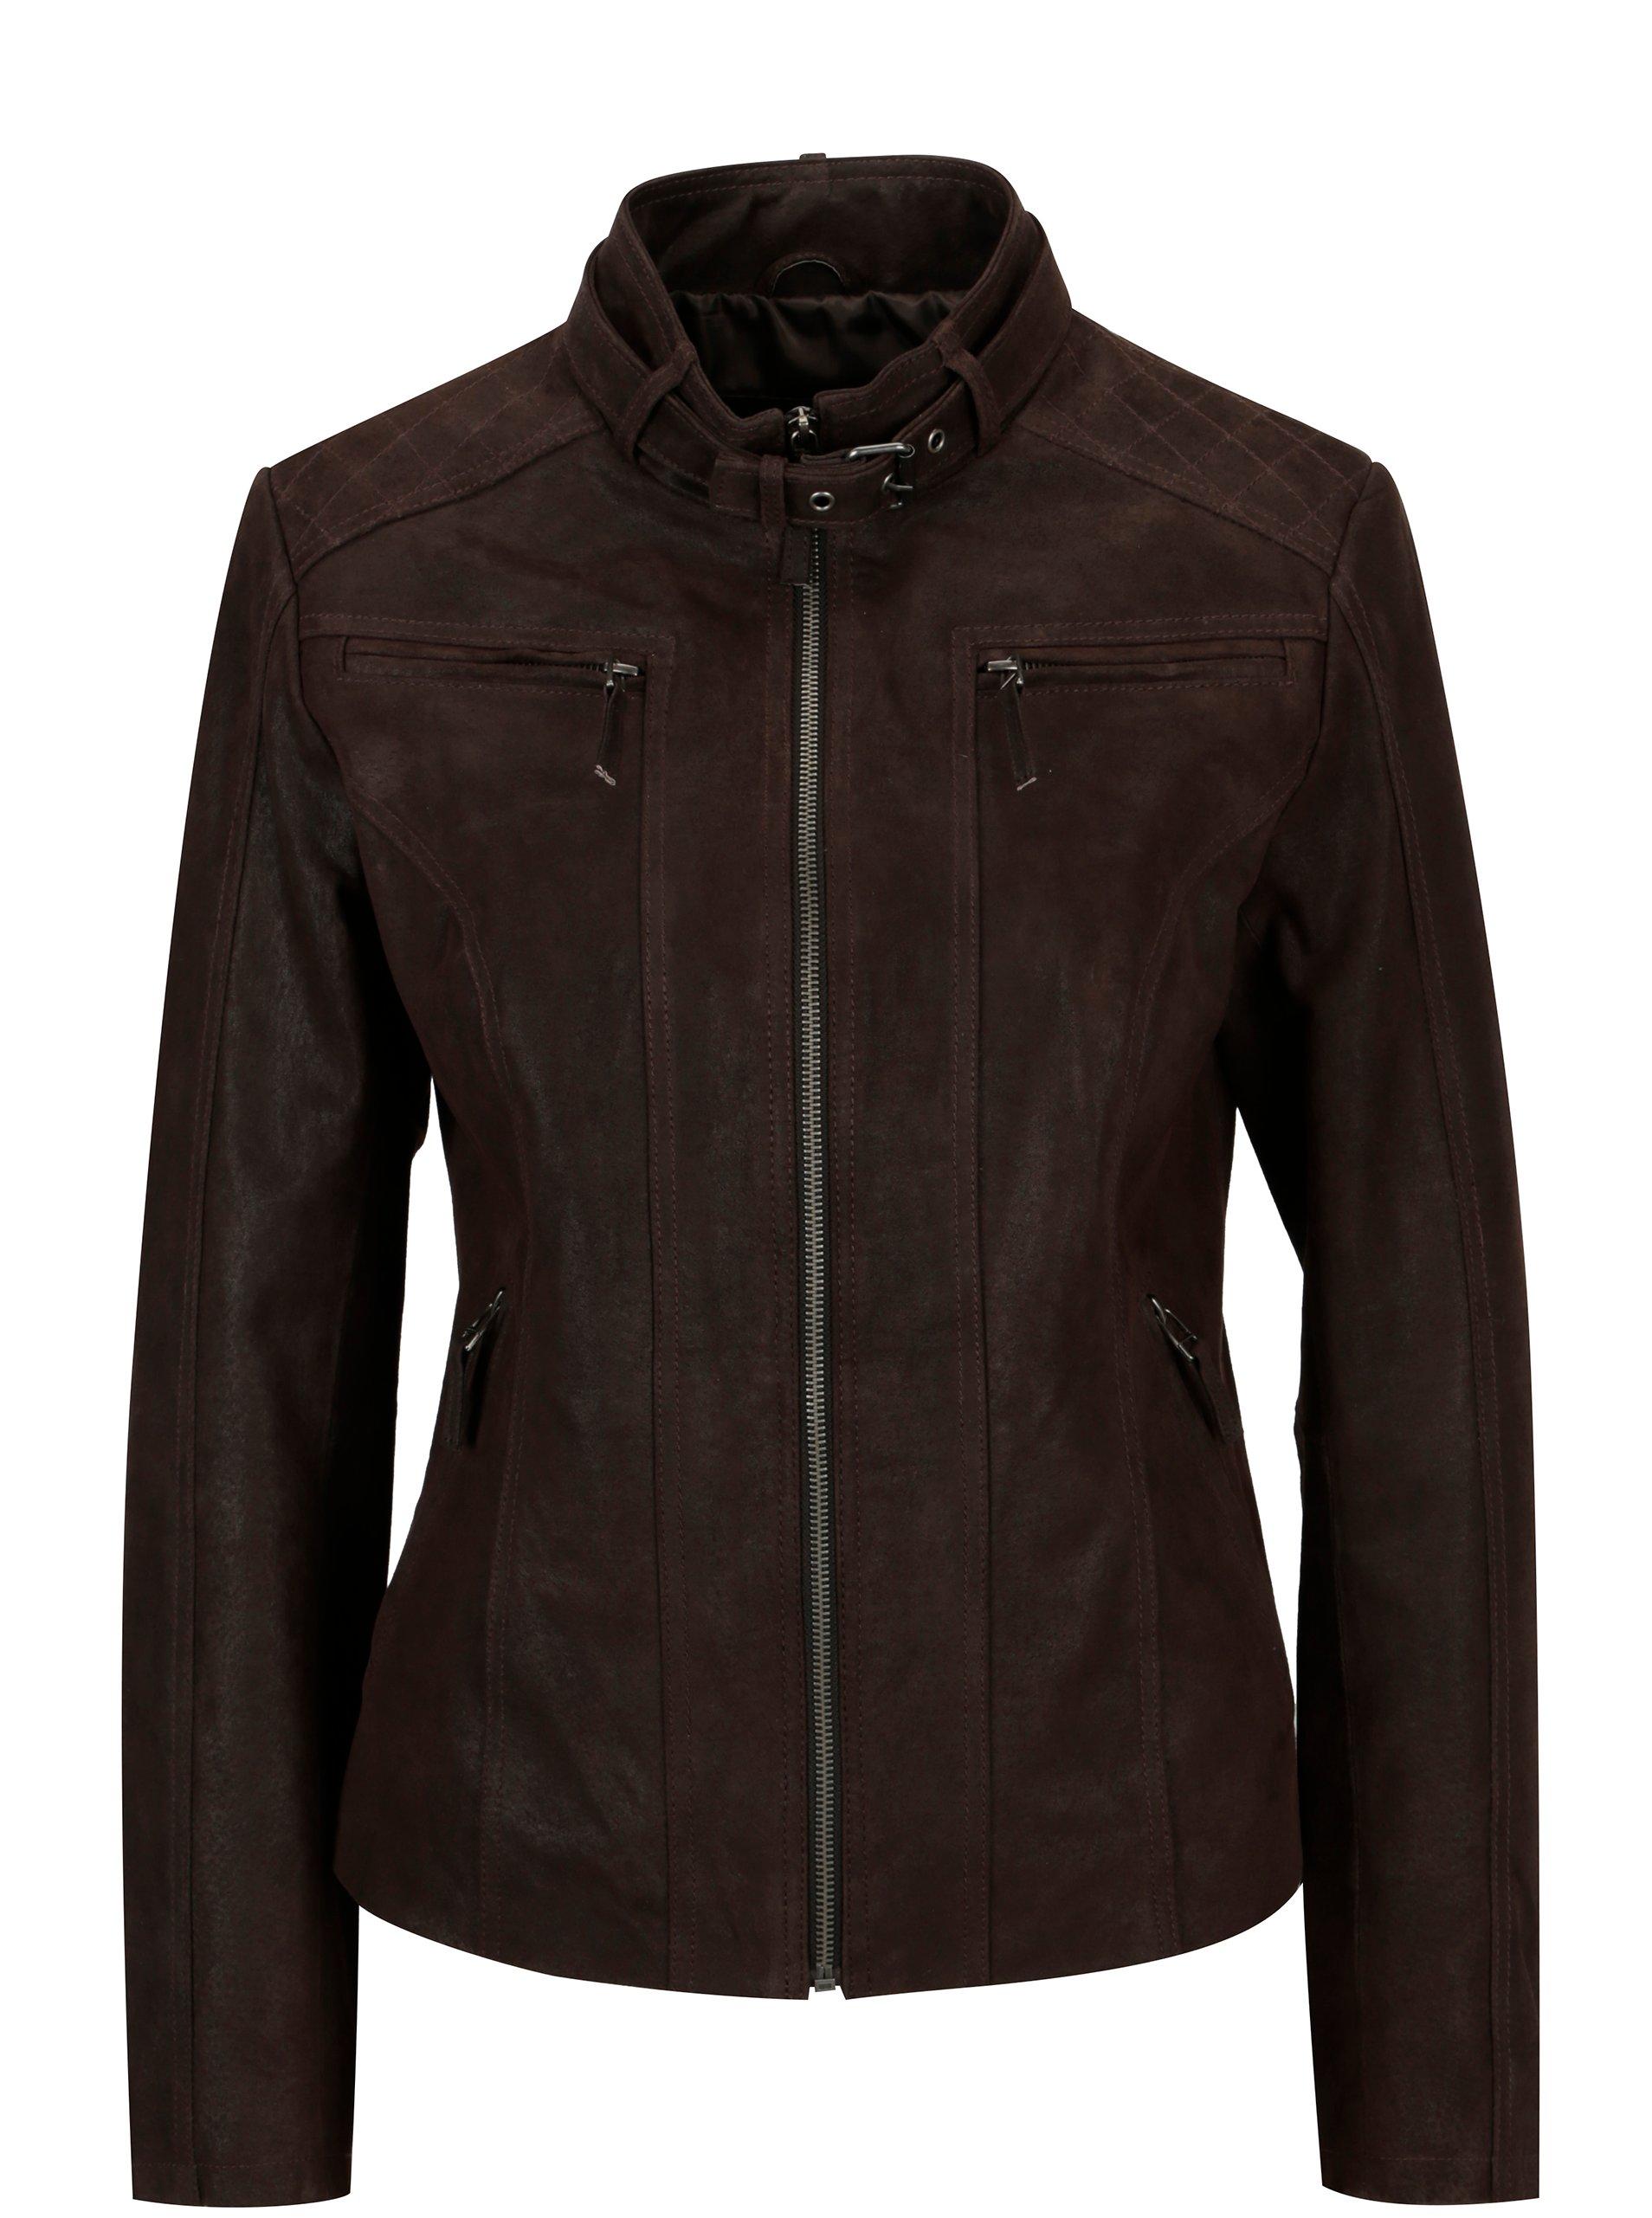 Tmavě hnědá dámská kožená bunda s přezkou KARA Diva